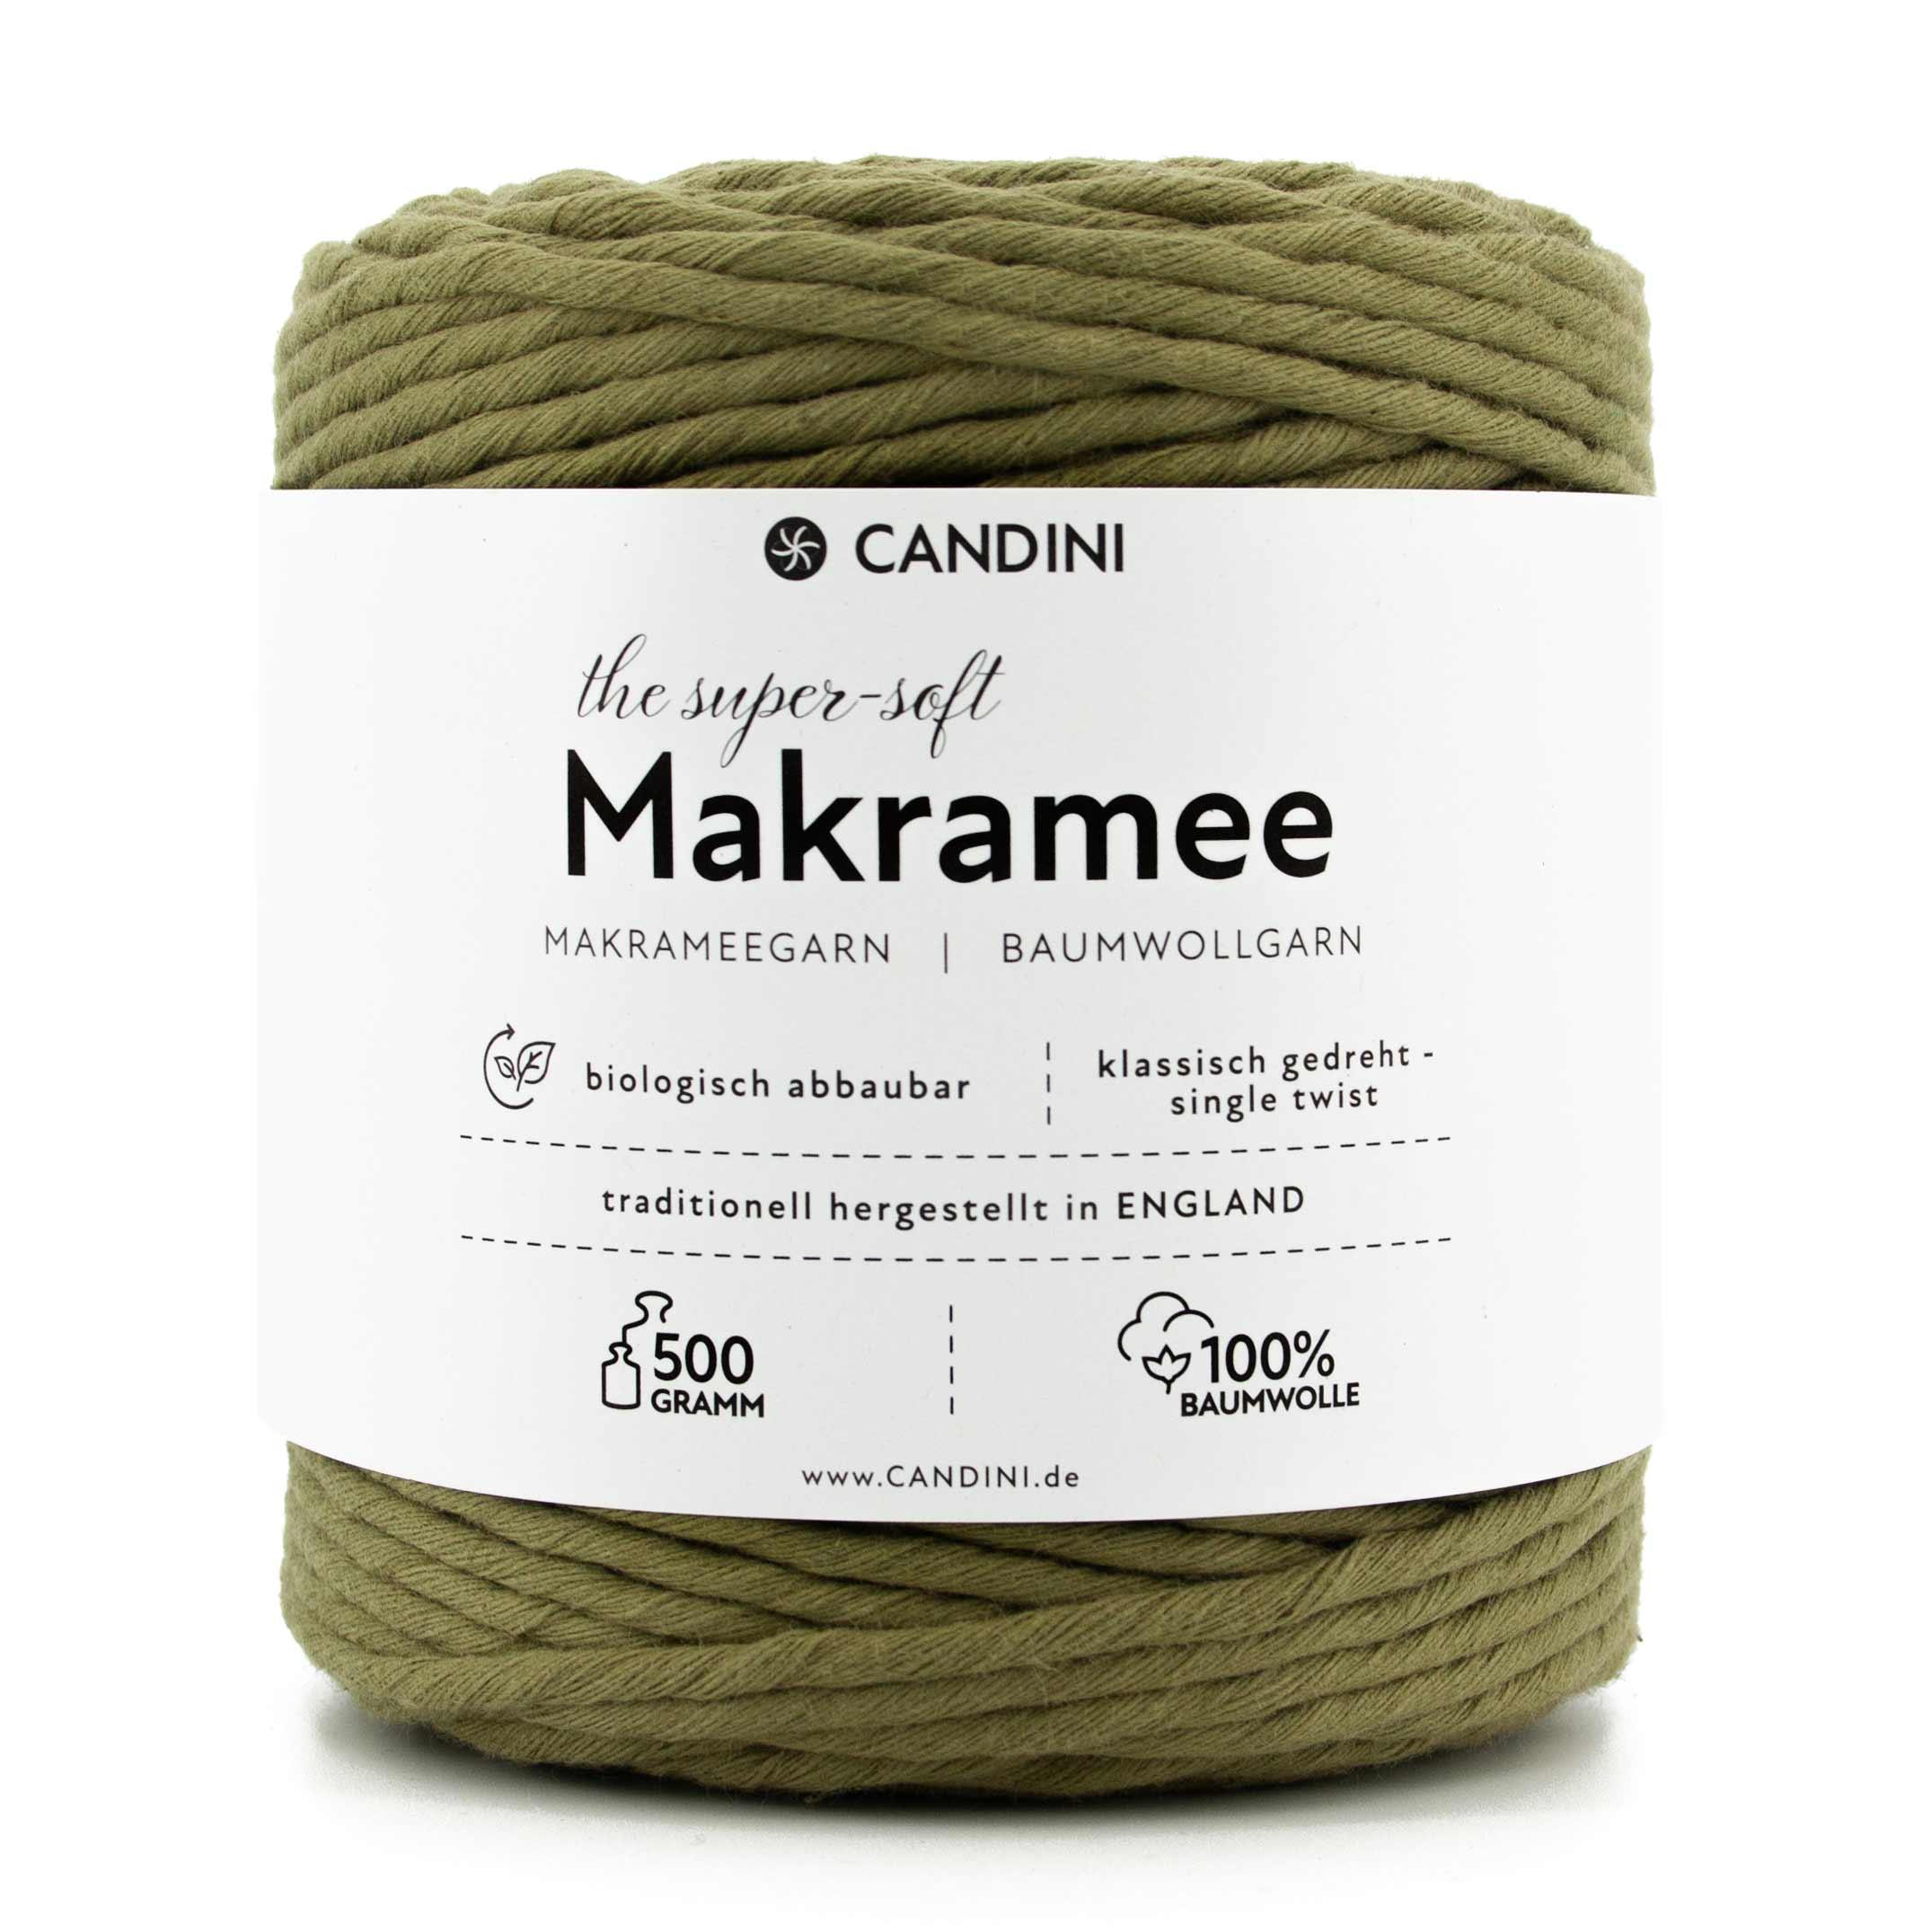 makramee-olive_banderole